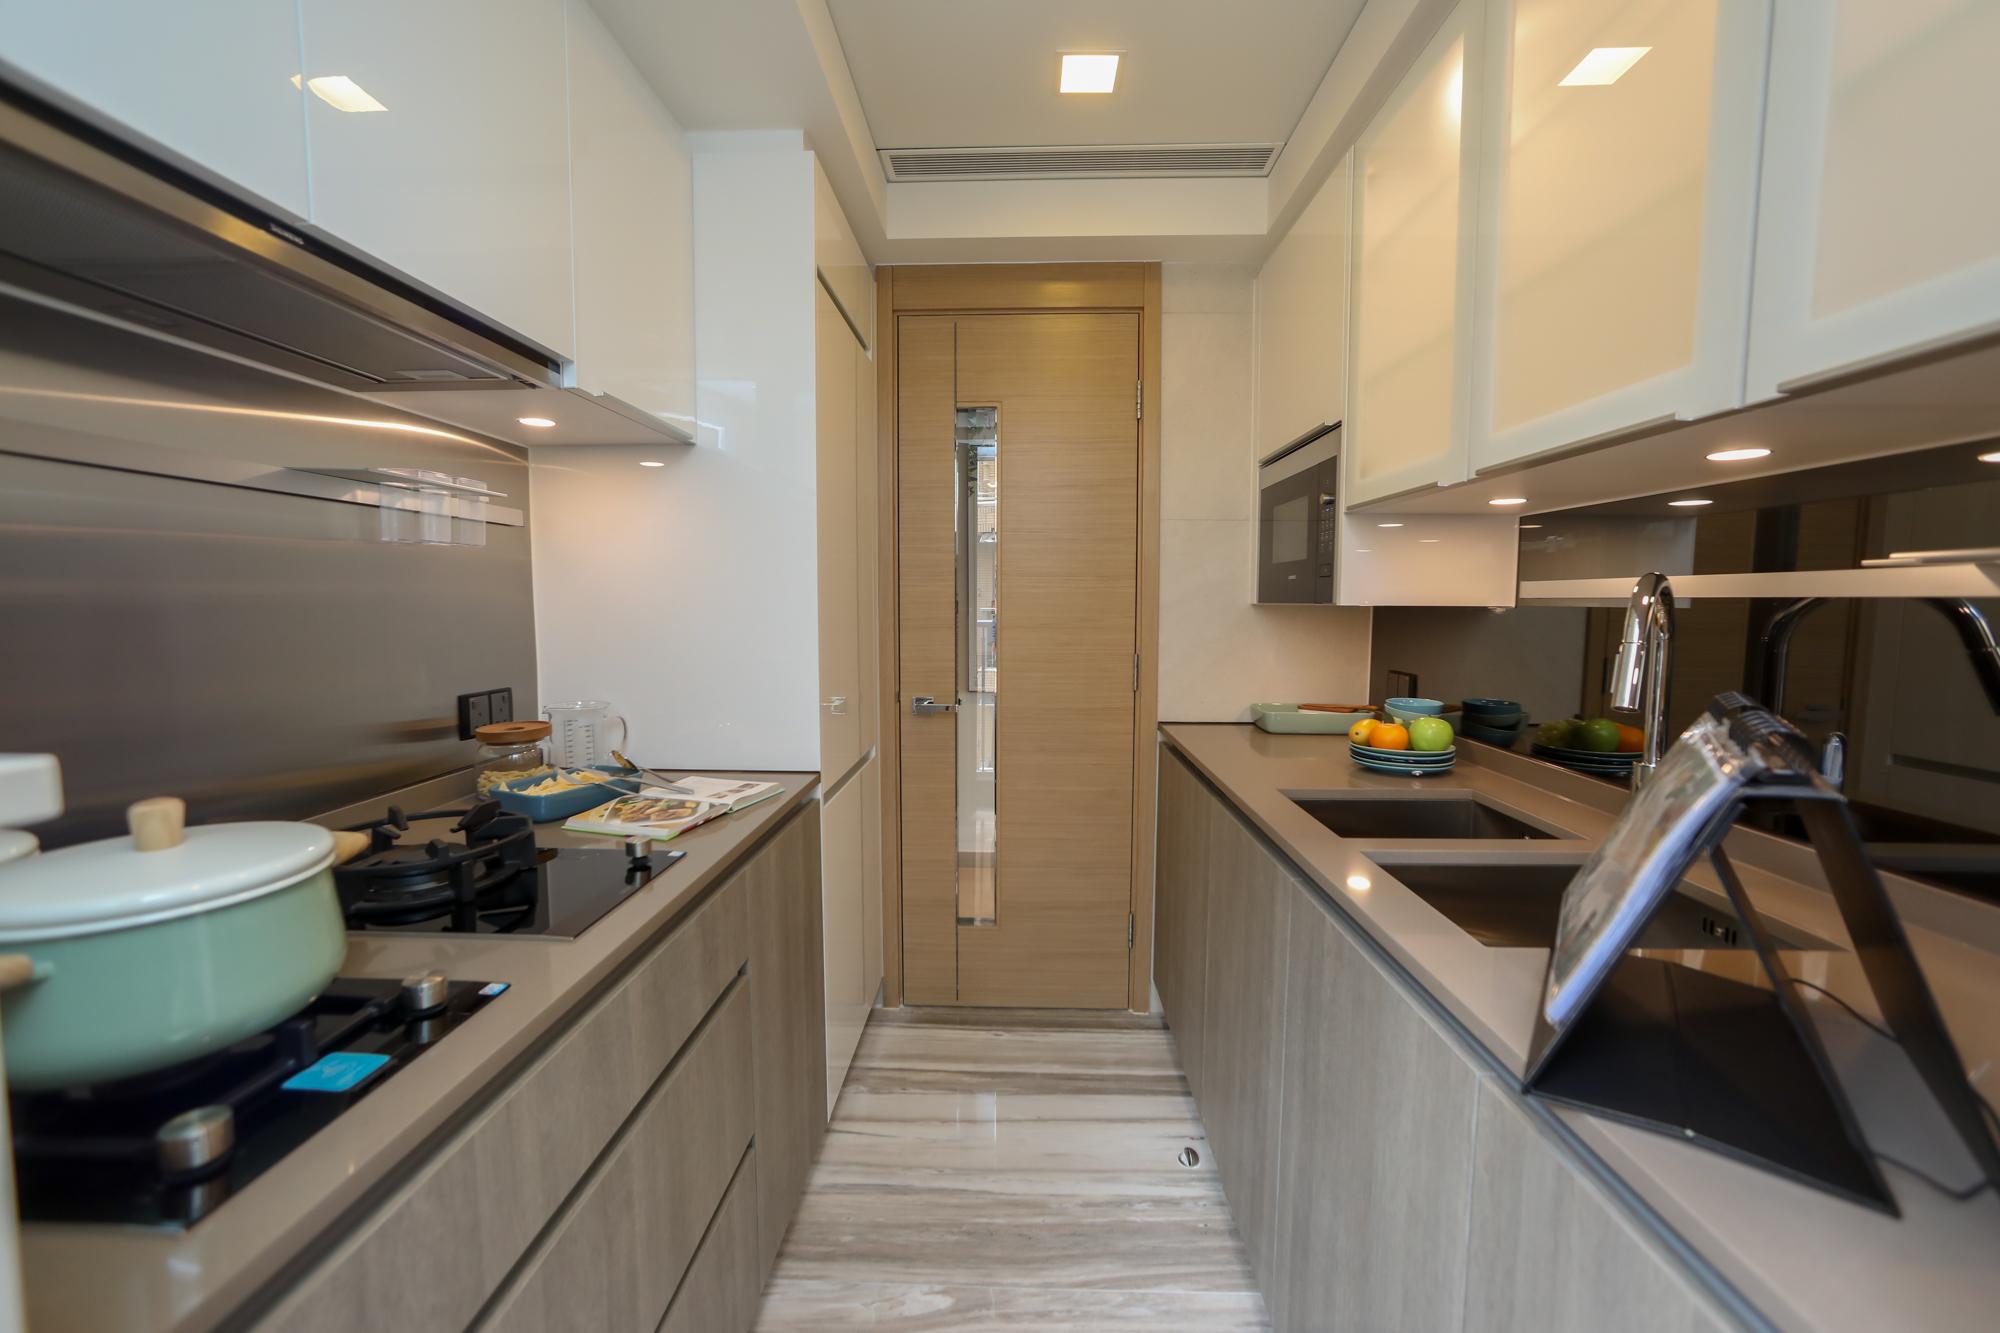 廚房配備完善,包括煤氣煮食爐、抽油煙機及微波爐。